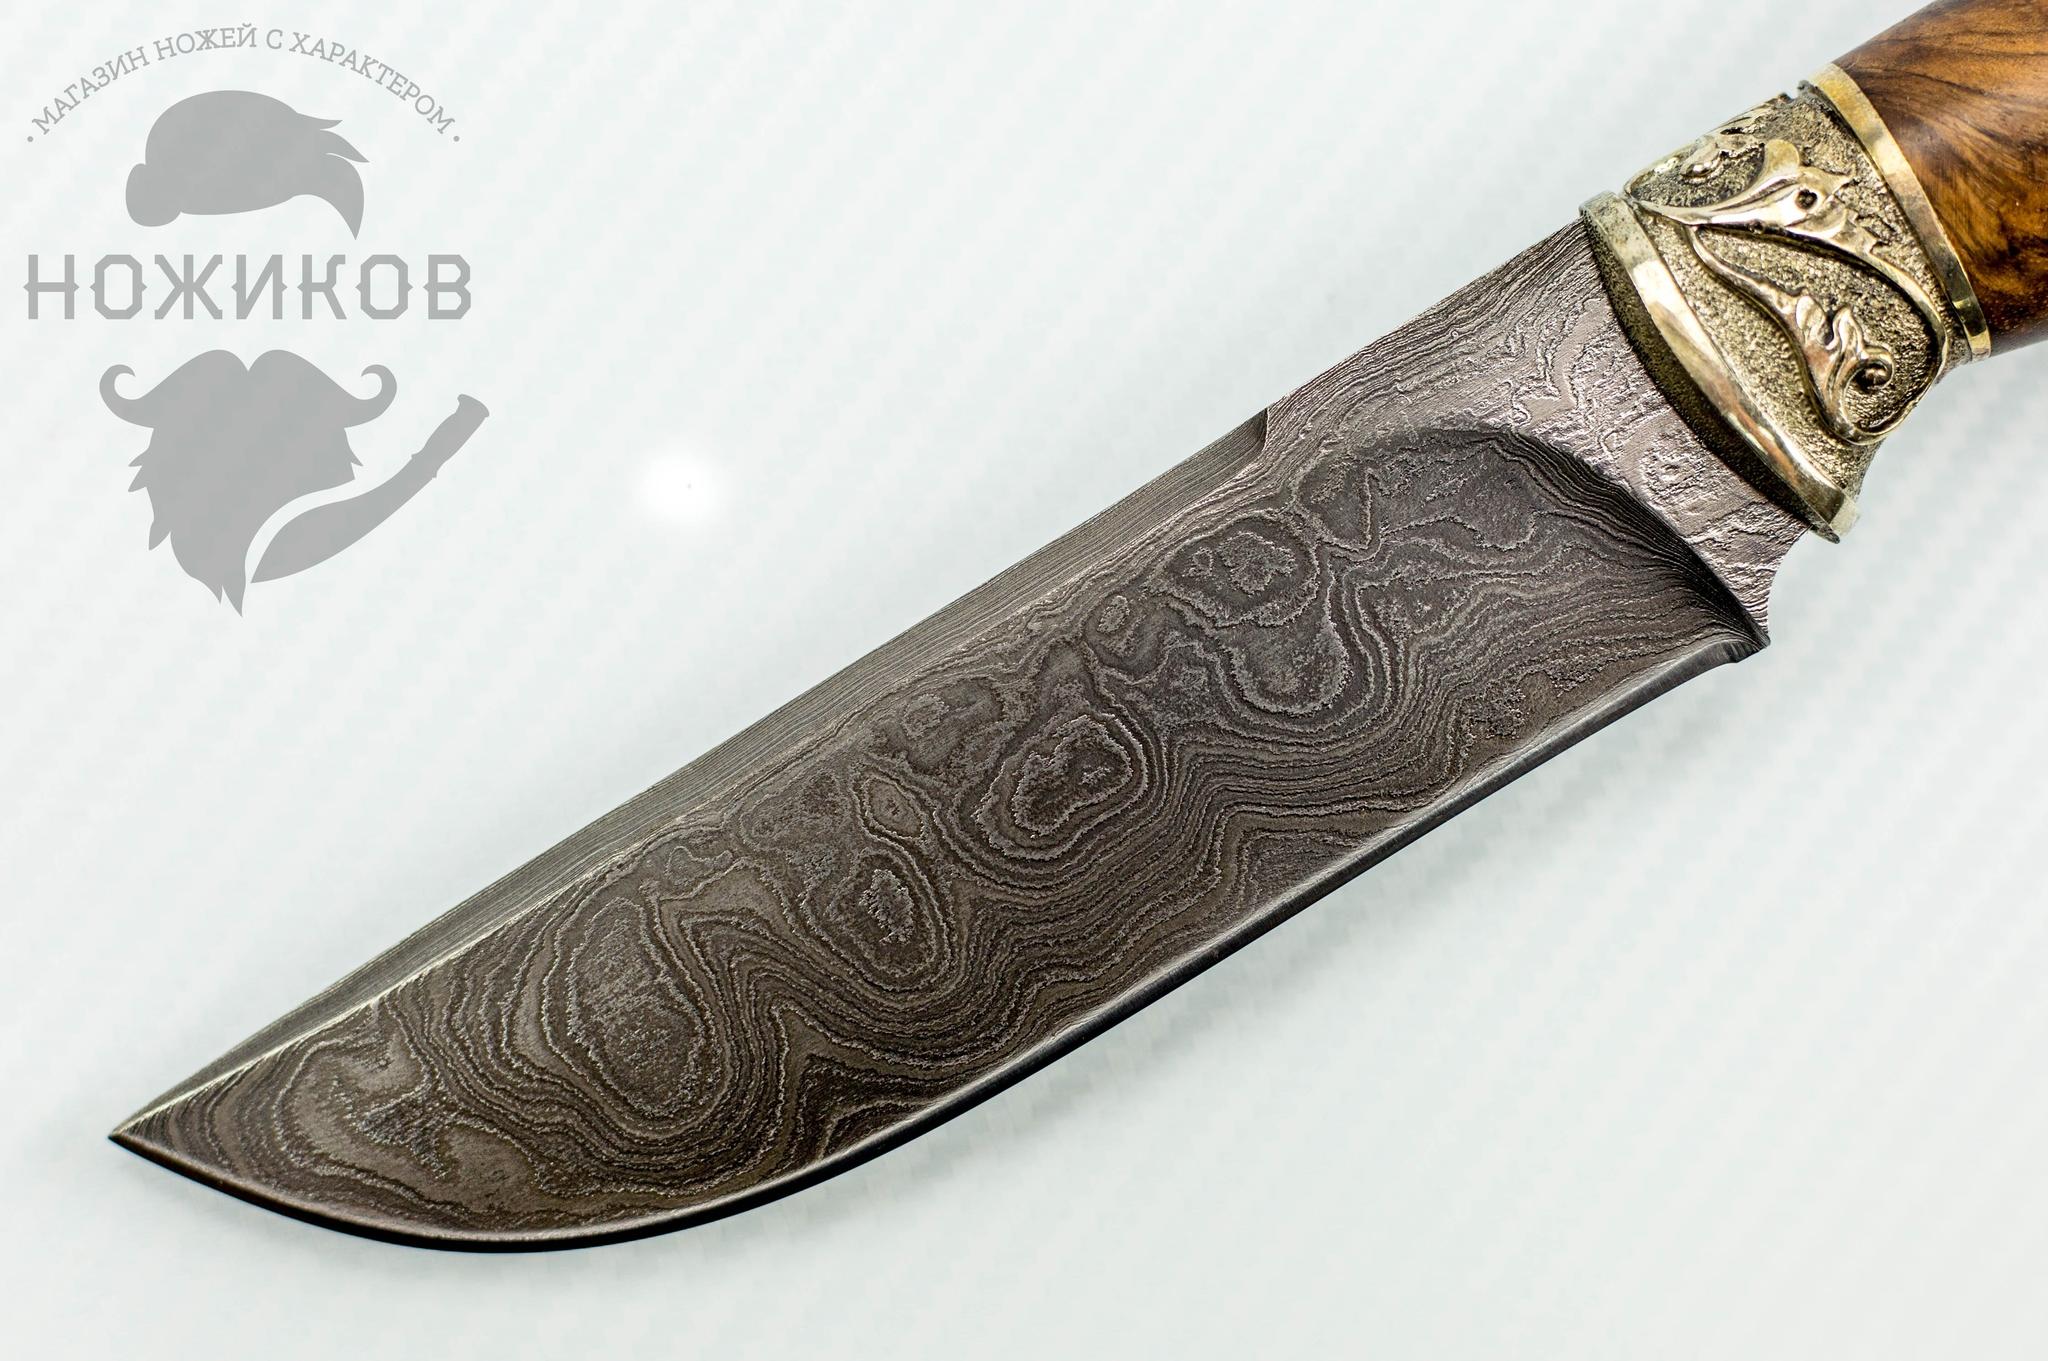 Фото 2 - Авторский Нож из Дамаска №75, Кизляр от Noname